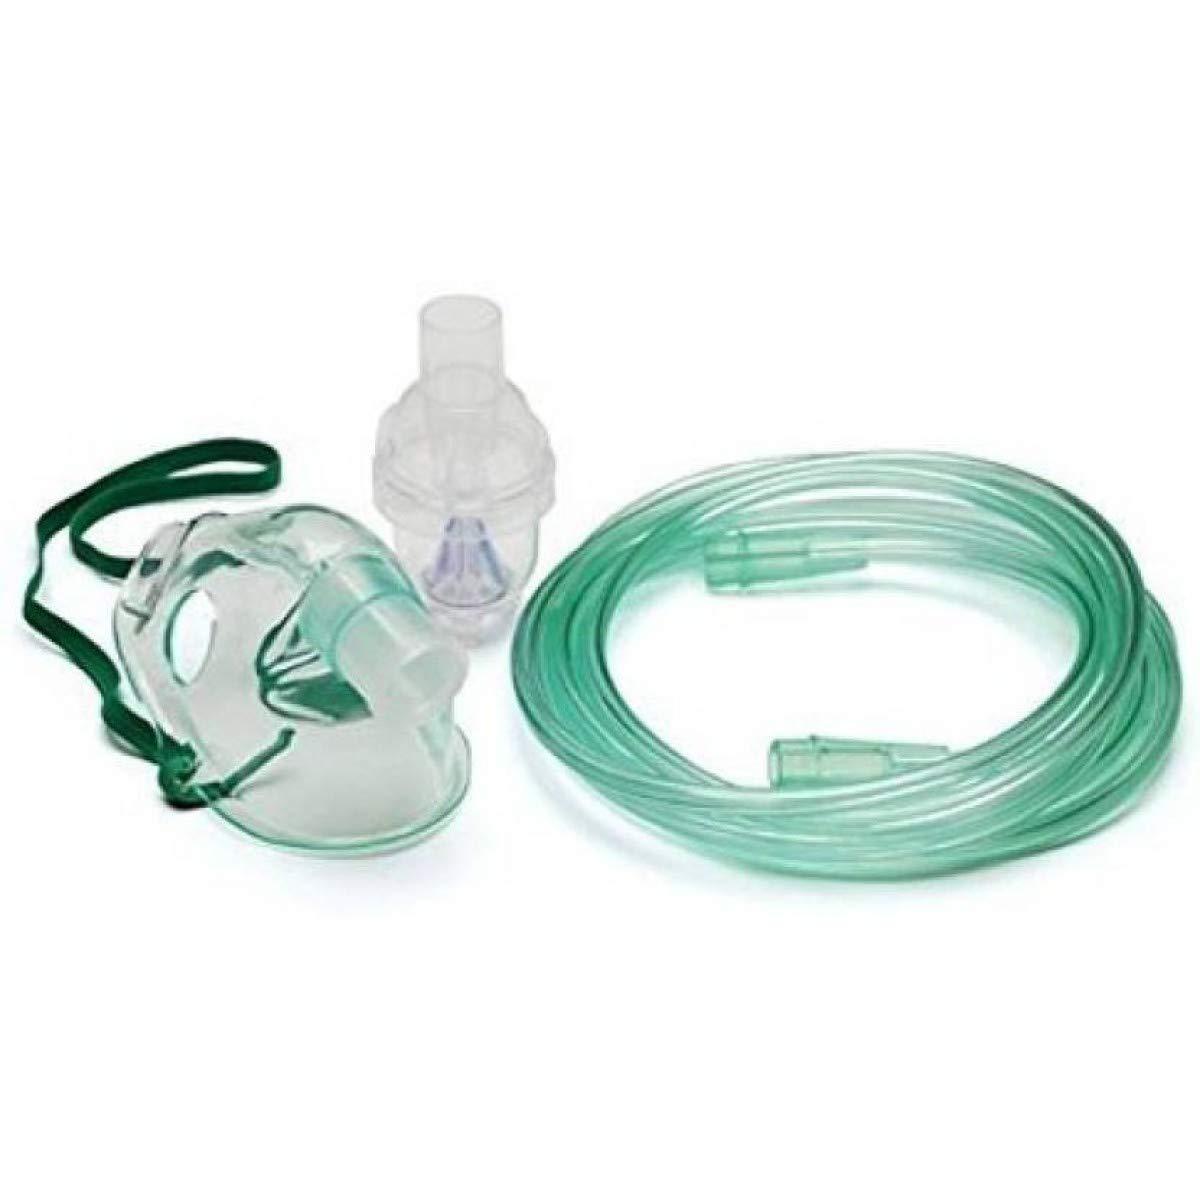 Nebulizer mask and tube